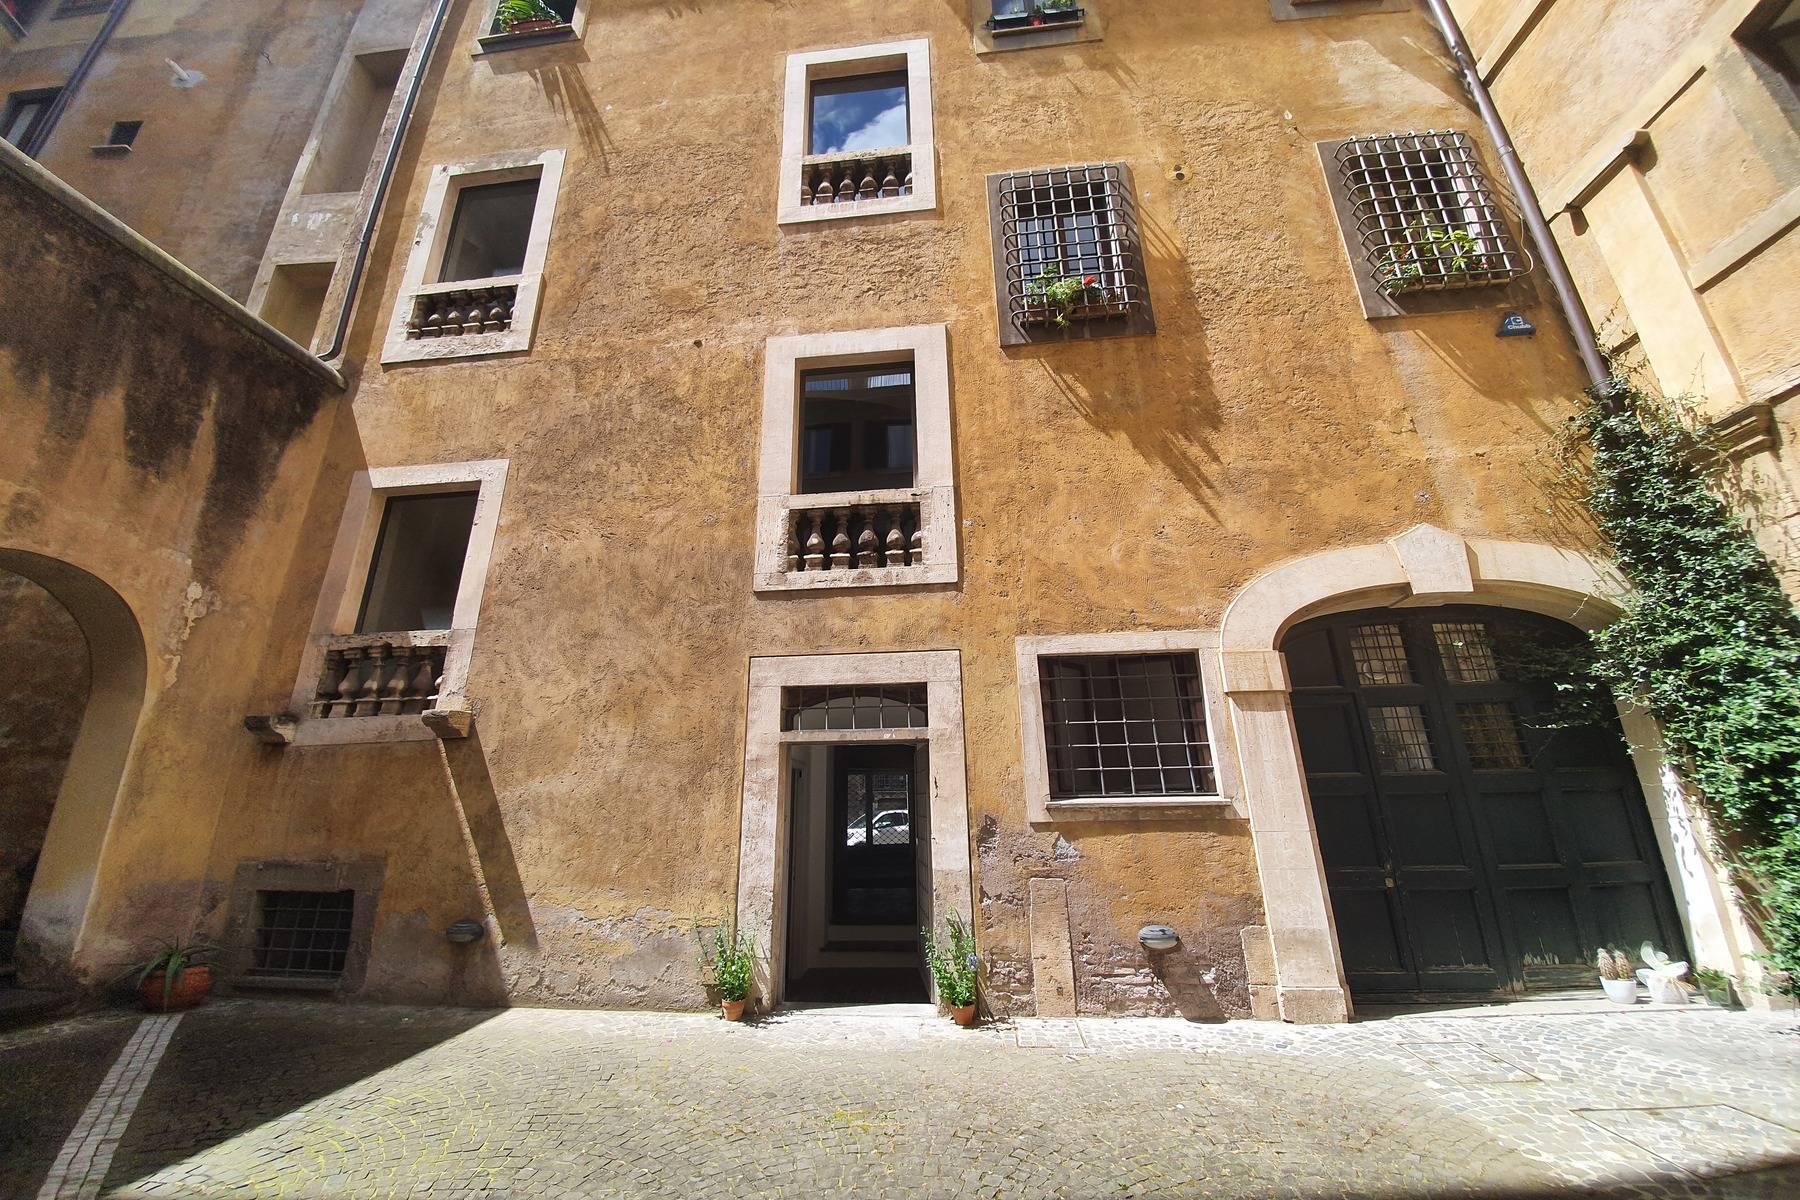 Negozio-locale in Affitto a Roma: 2 locali, 50 mq - Foto 11